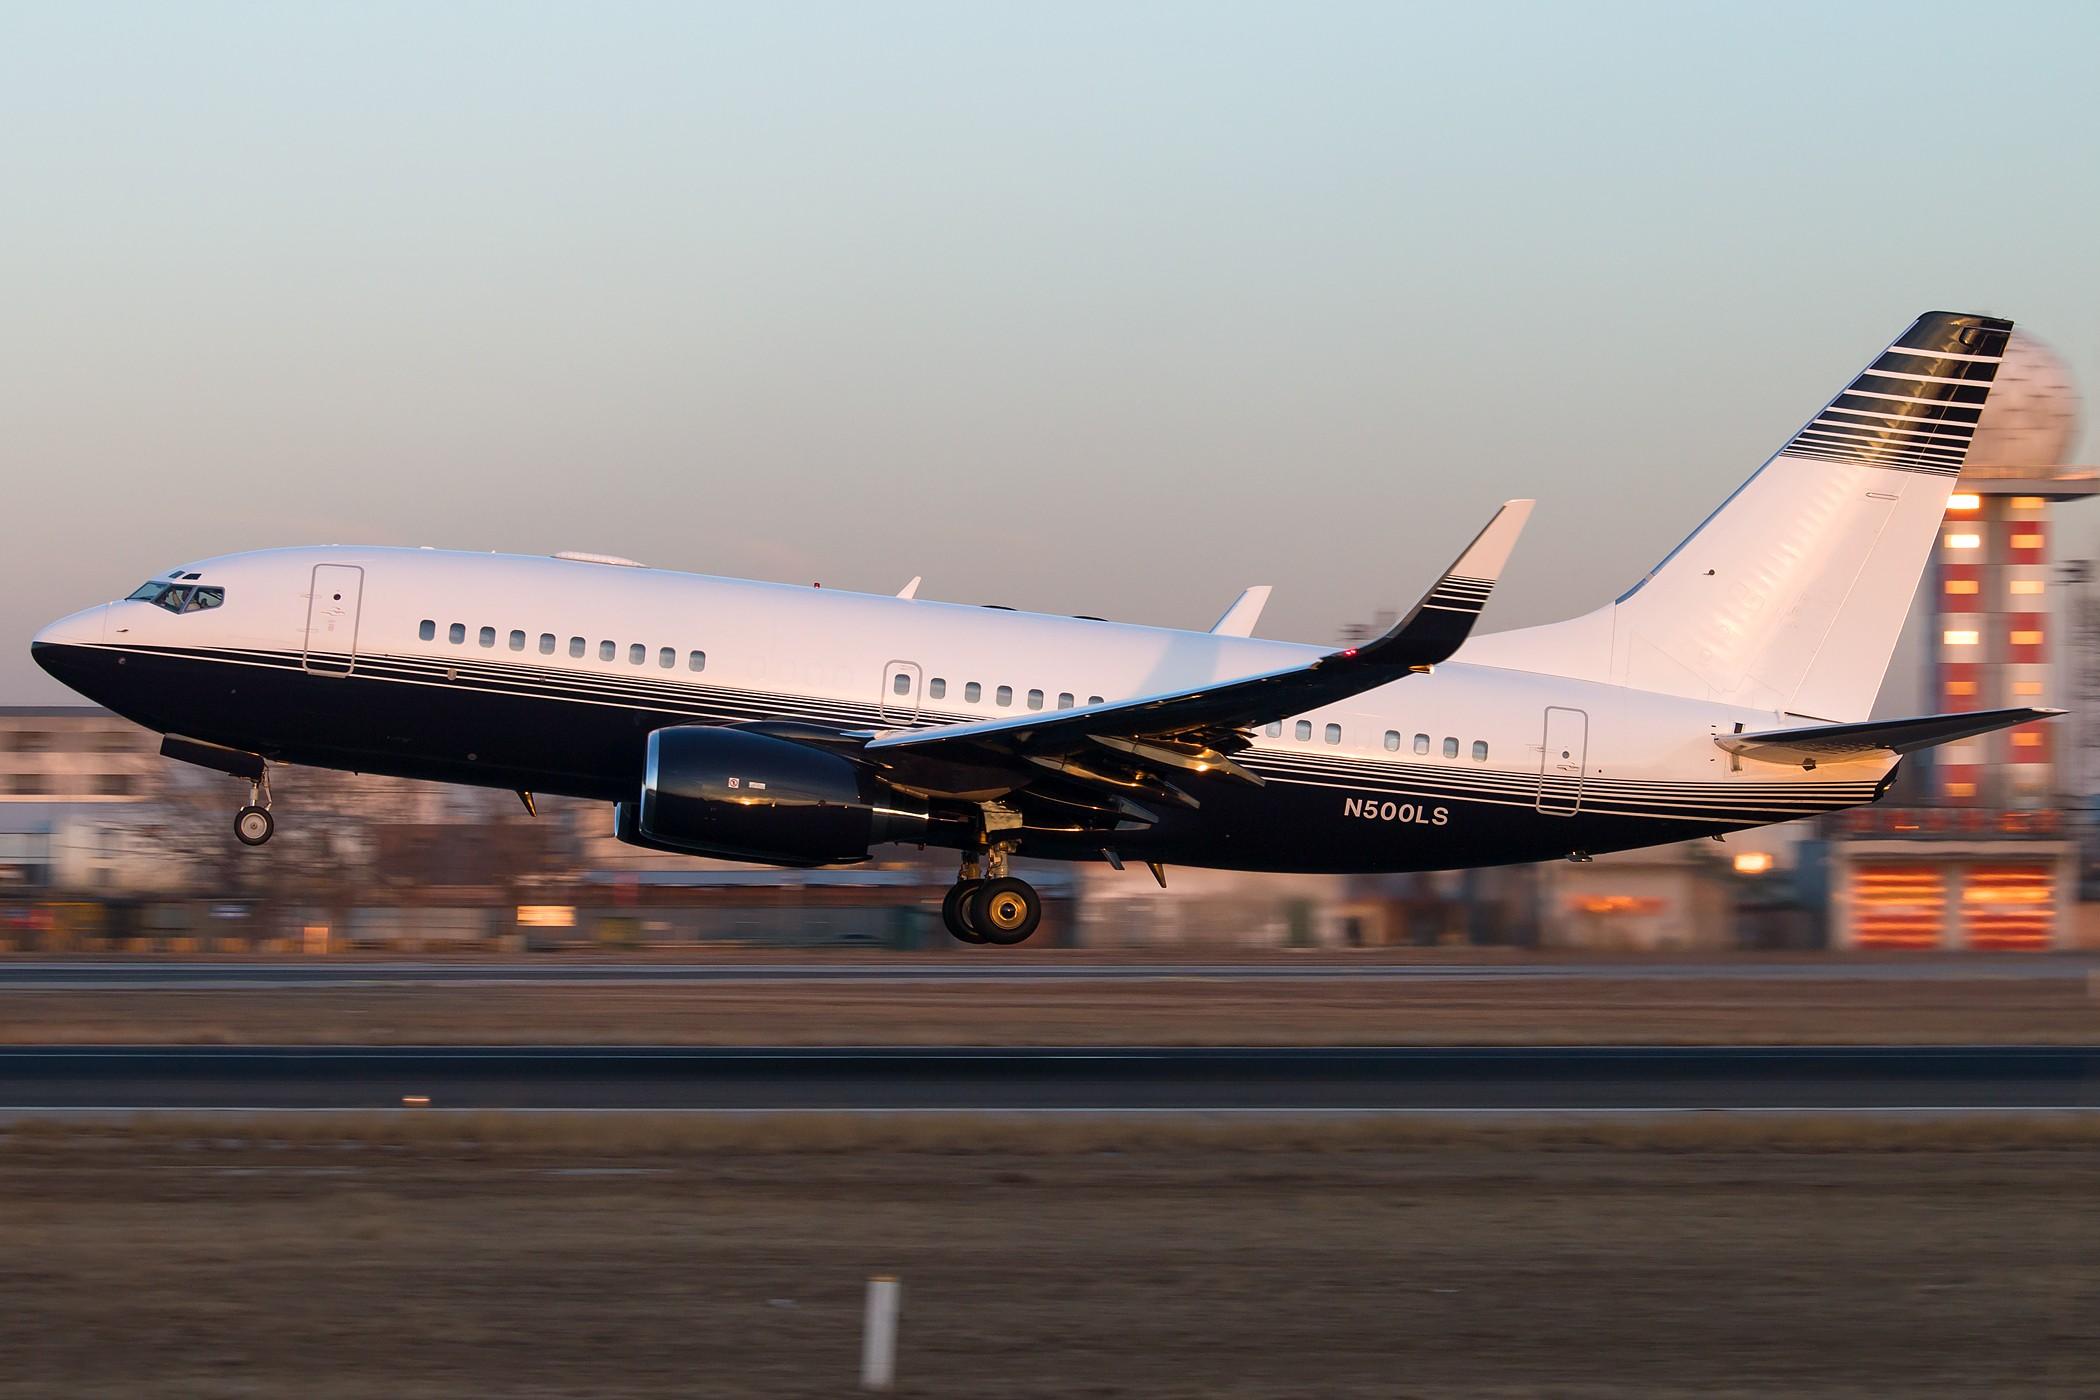 [原创][一图党] N500LS 2100*1400 BOEING 737-73T(BBJ) N500LS 中国北京首都国际机场